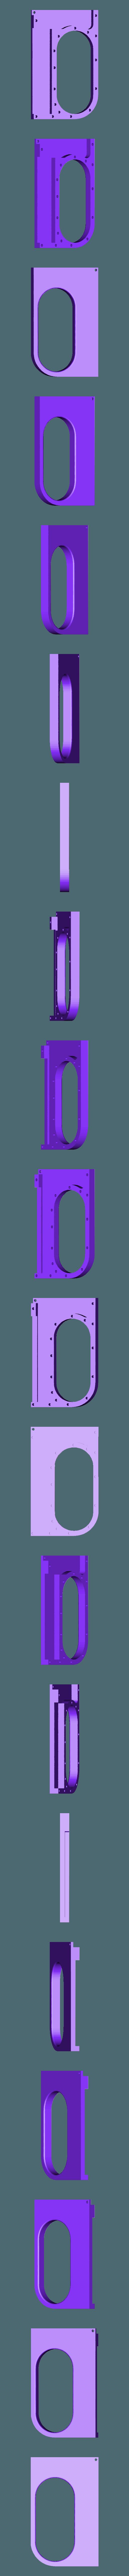 jBase2_a.stl Télécharger fichier STL gratuit Jack hook - ouvre-porte hygiénique et sûr, poussoir de bouton • Plan imprimable en 3D, Opossums